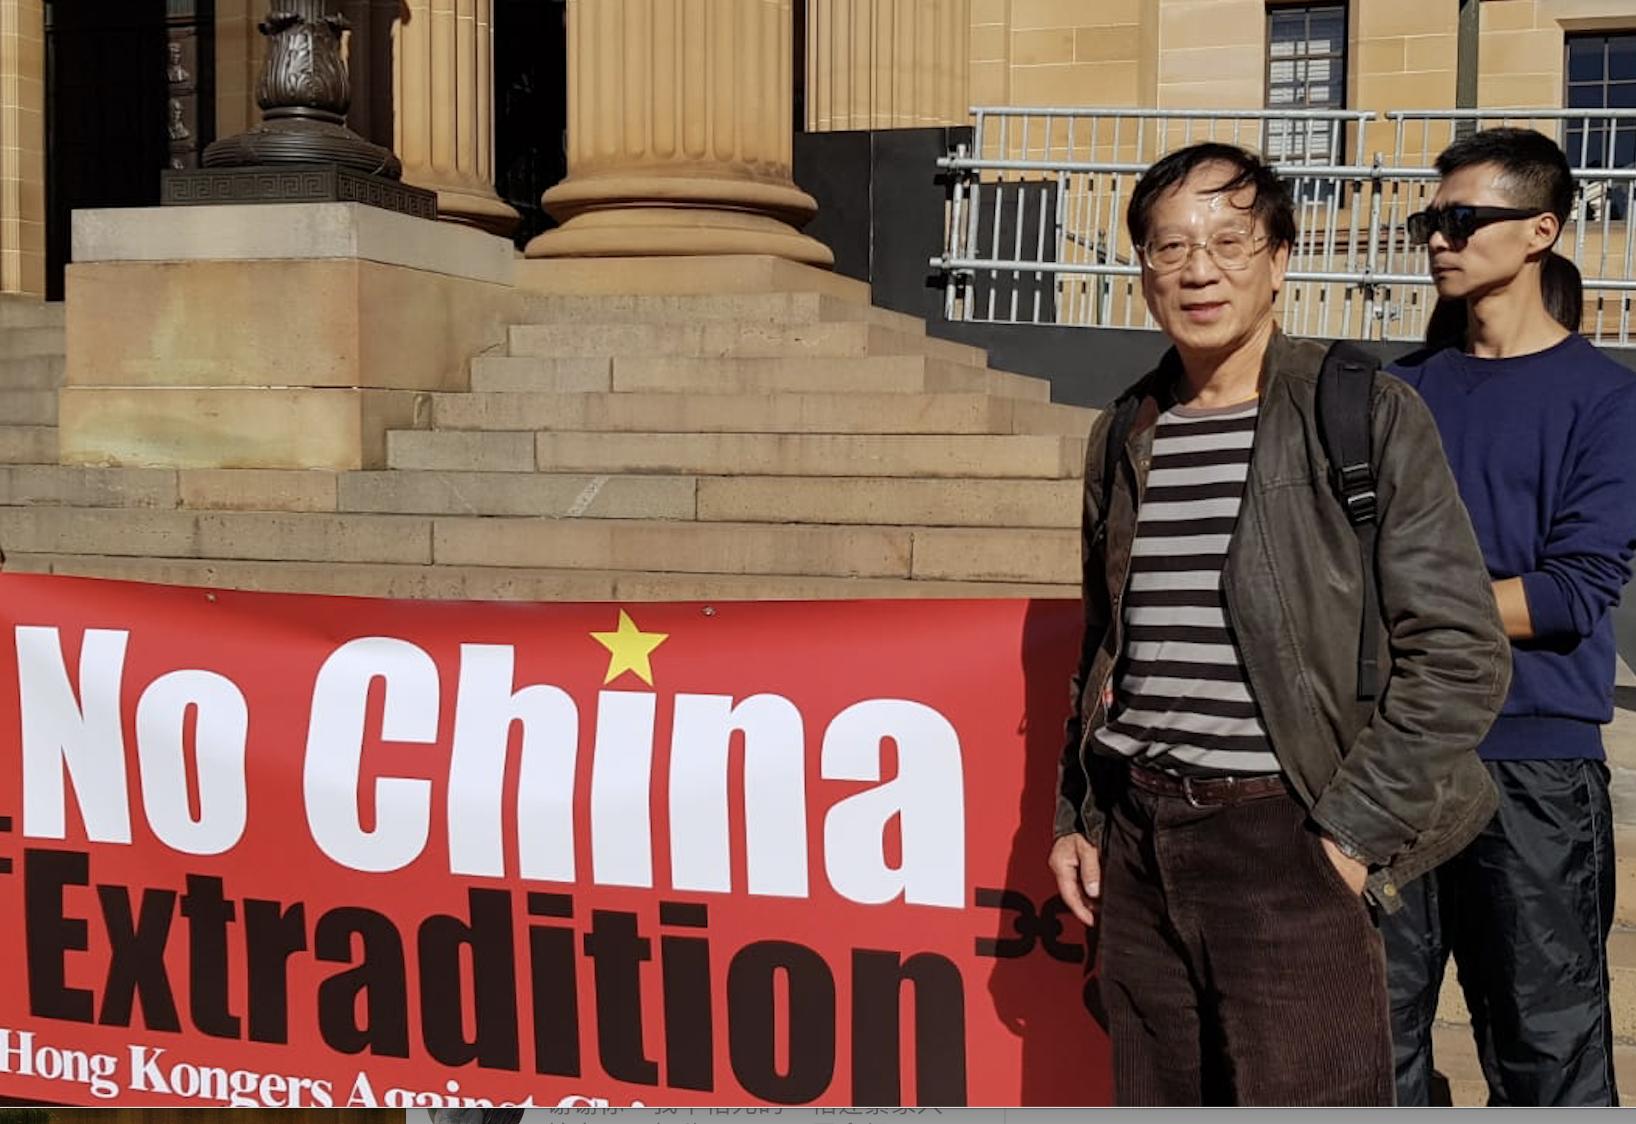 澳洲華裔盧炳曾從大陸逃到香港,他到現場聲援香港反送中條例。(駱亞/大紀元)